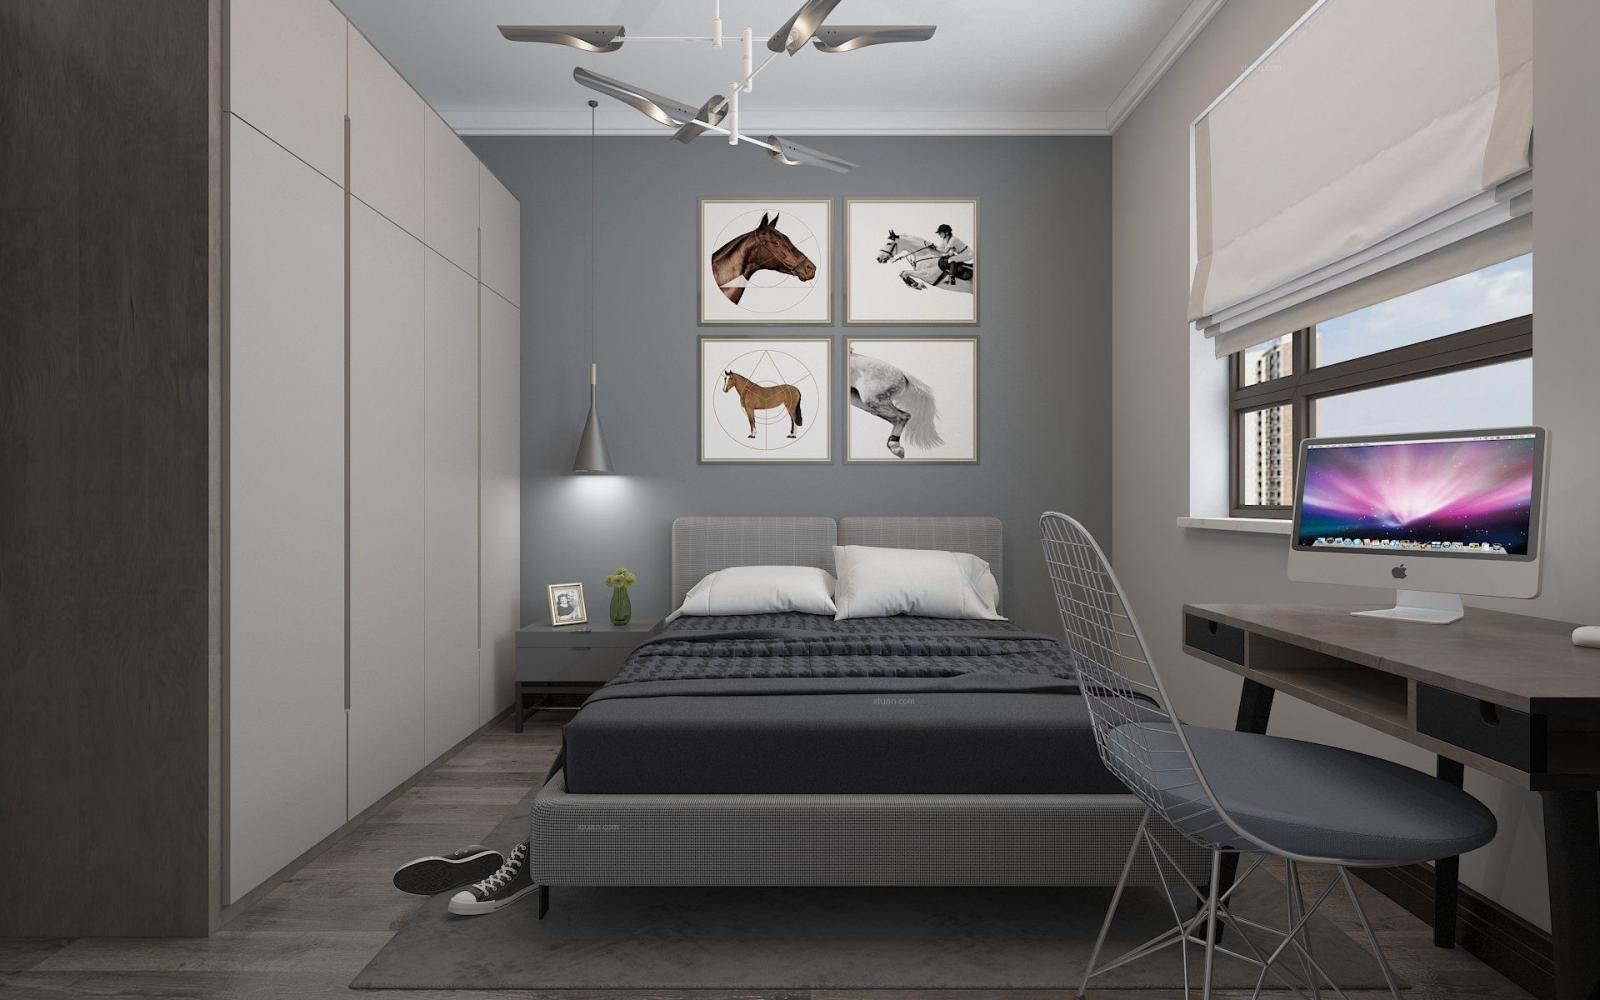 温莎花园-个性复古黑白灰风格-哈尔滨鸣雀装饰